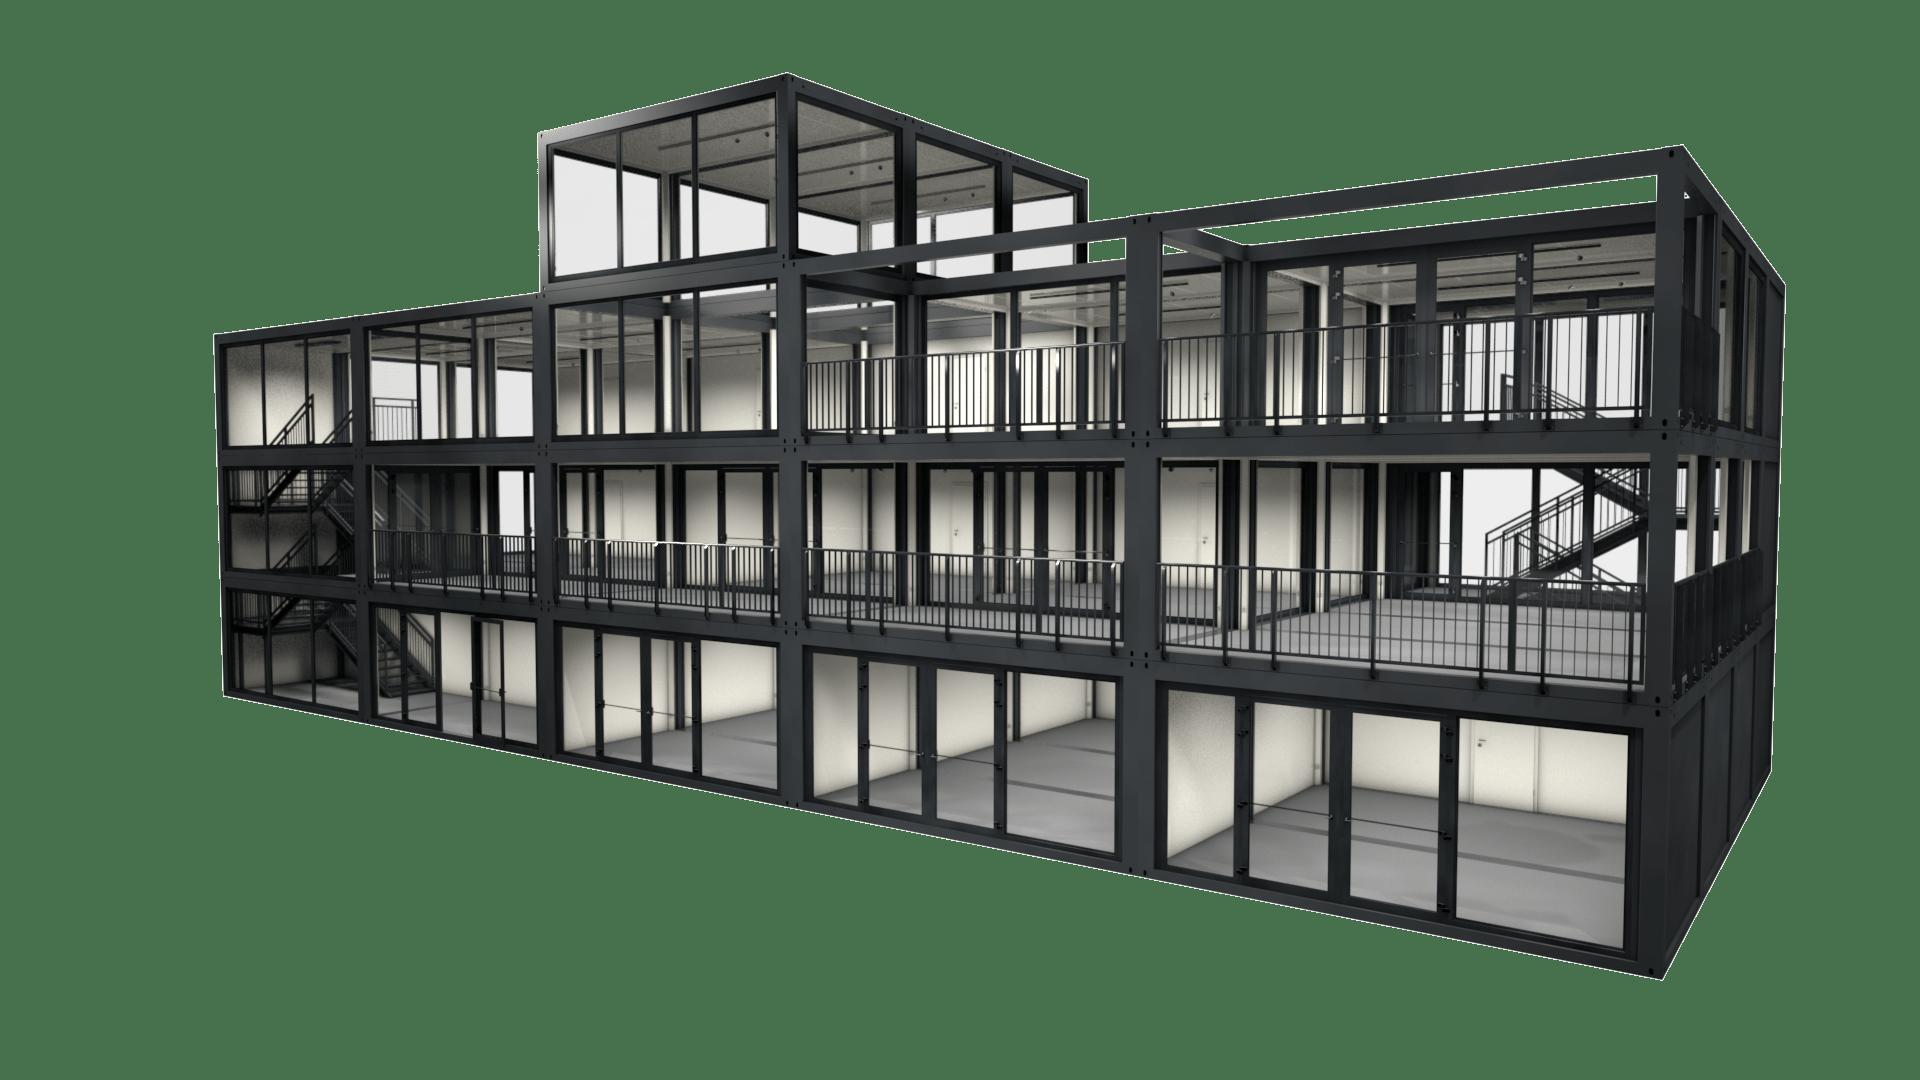 Container Modul M 37 ist eine kompakte Containeranlage mit 3 Stockwerken und ideal geeignet als Bürogebäude